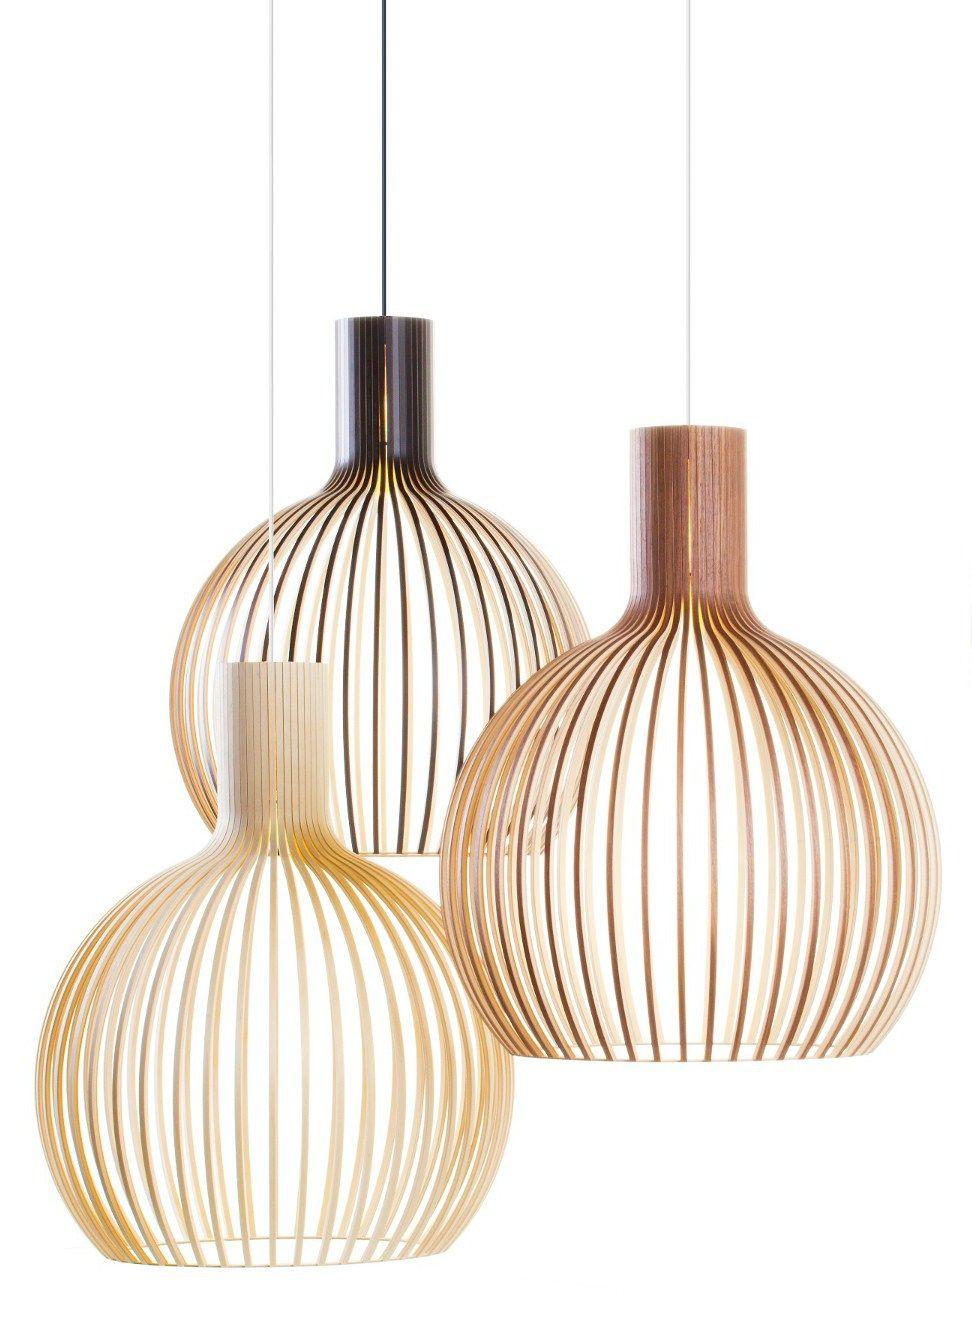 handmade lighting design. #Handmade Pendant# Lamp OCTO 4240 @sectodesign   #design Seppo Koho Handmade Lighting Design